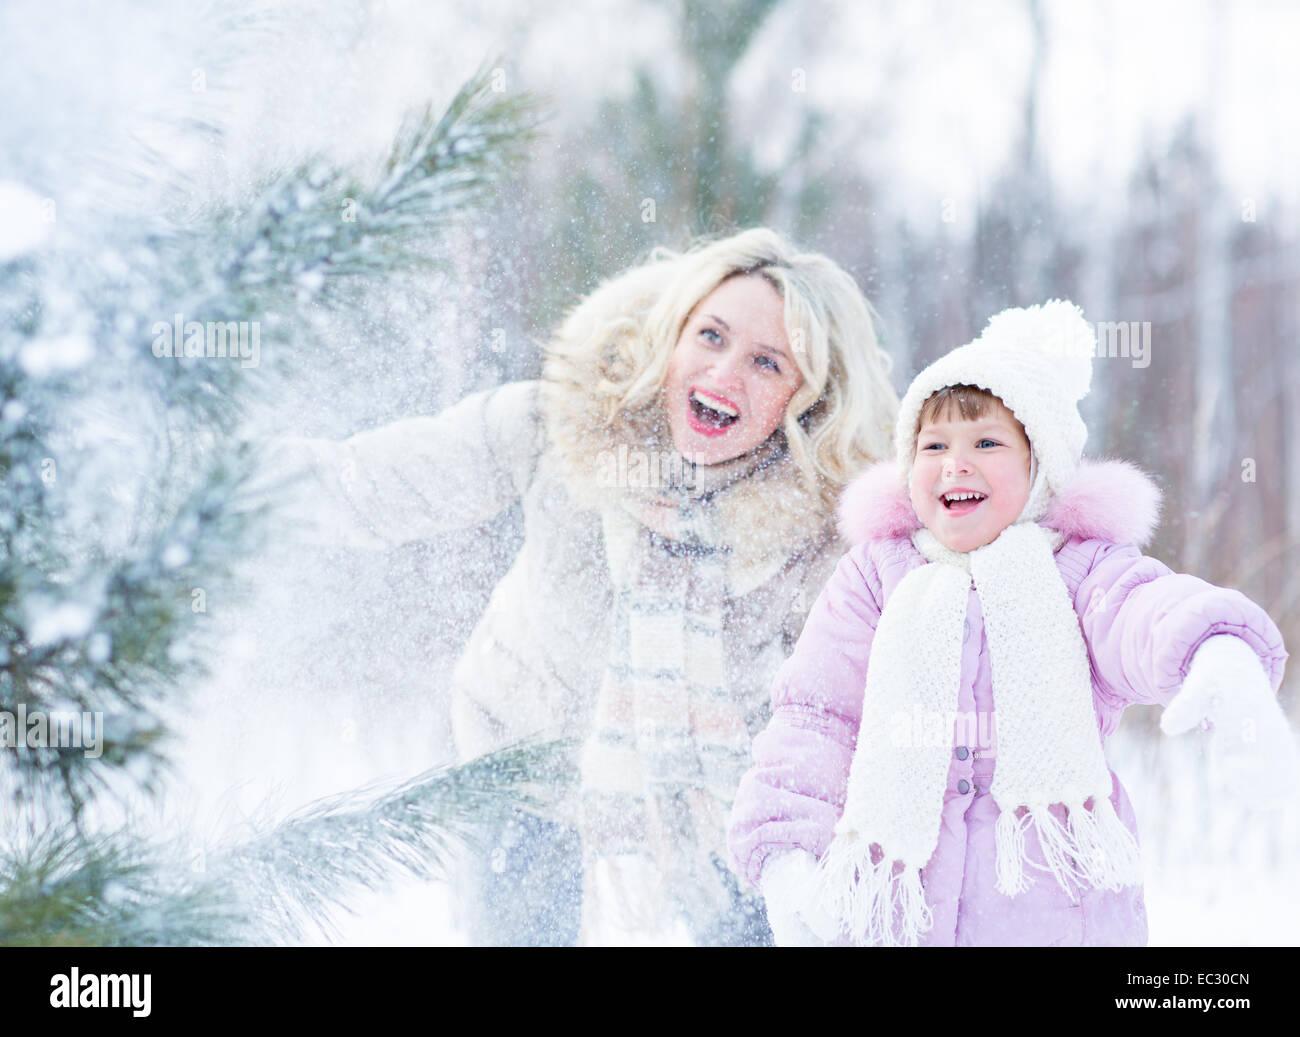 Felice mopther e kid giocando con la neve in inverno per esterno Immagini Stock